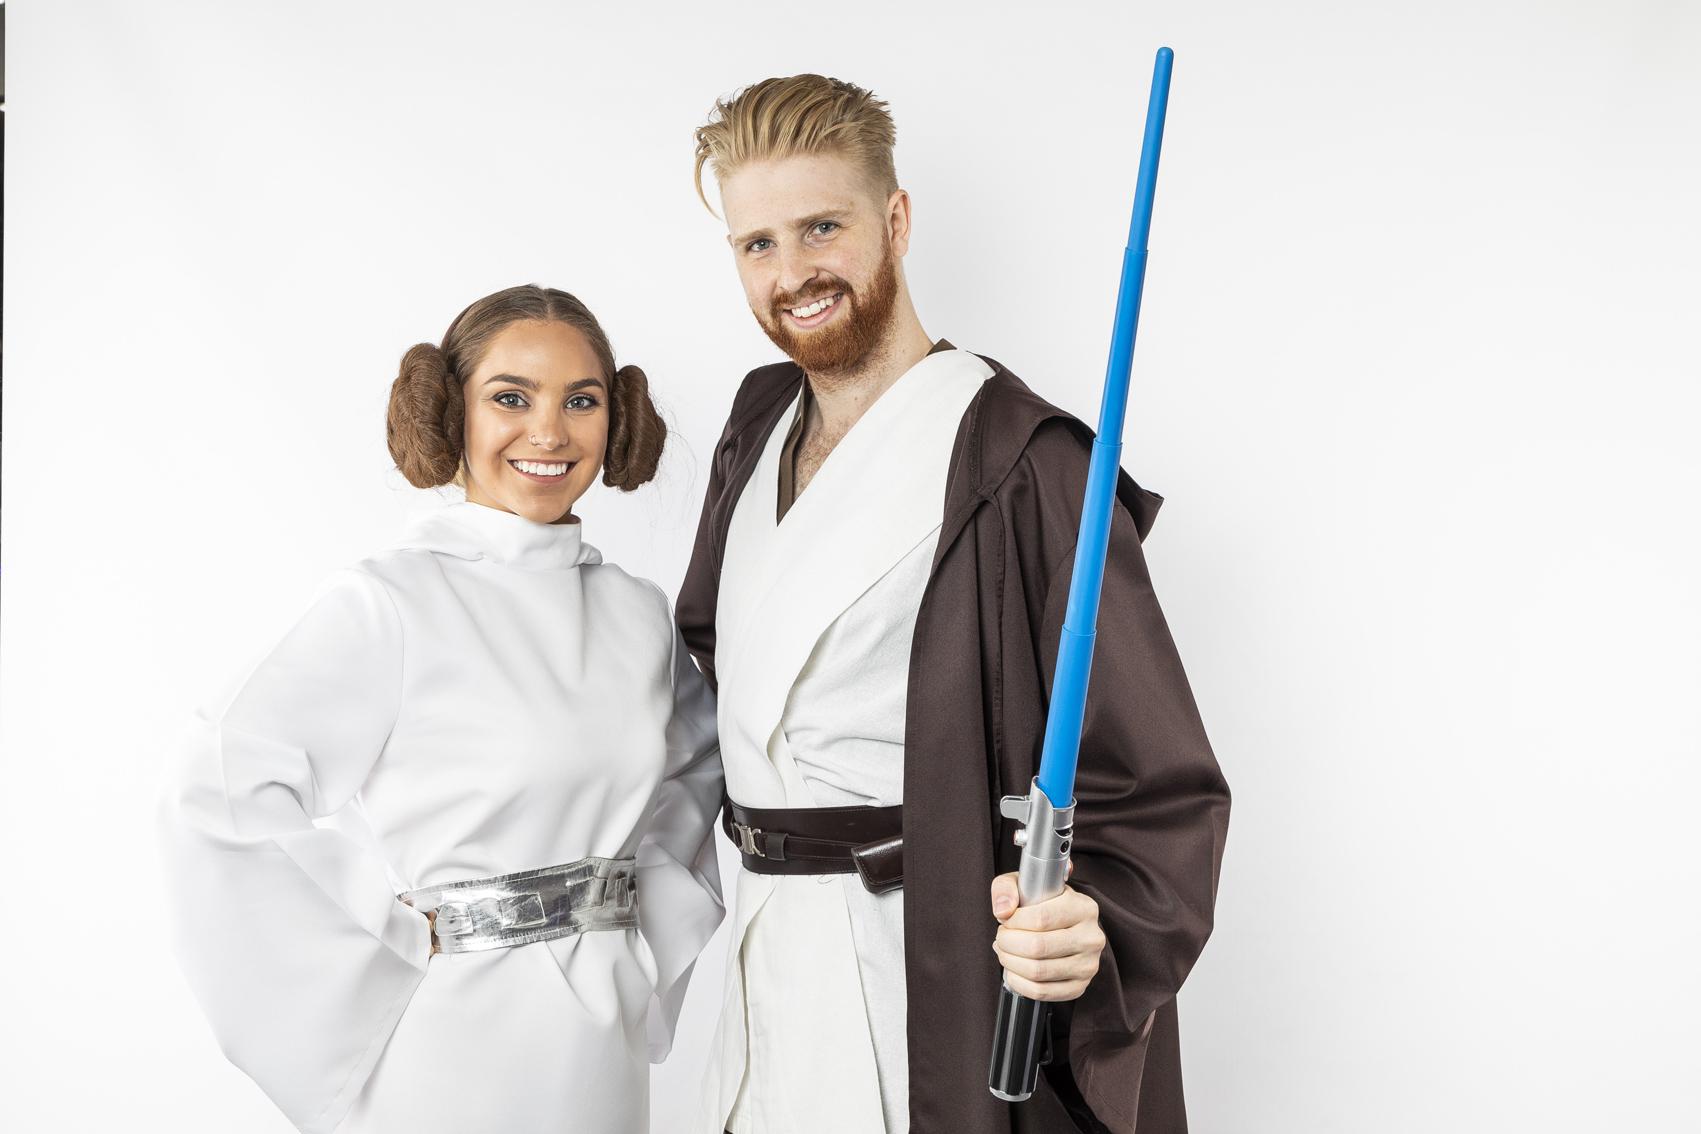 Princess Leia and Luke Skywalker